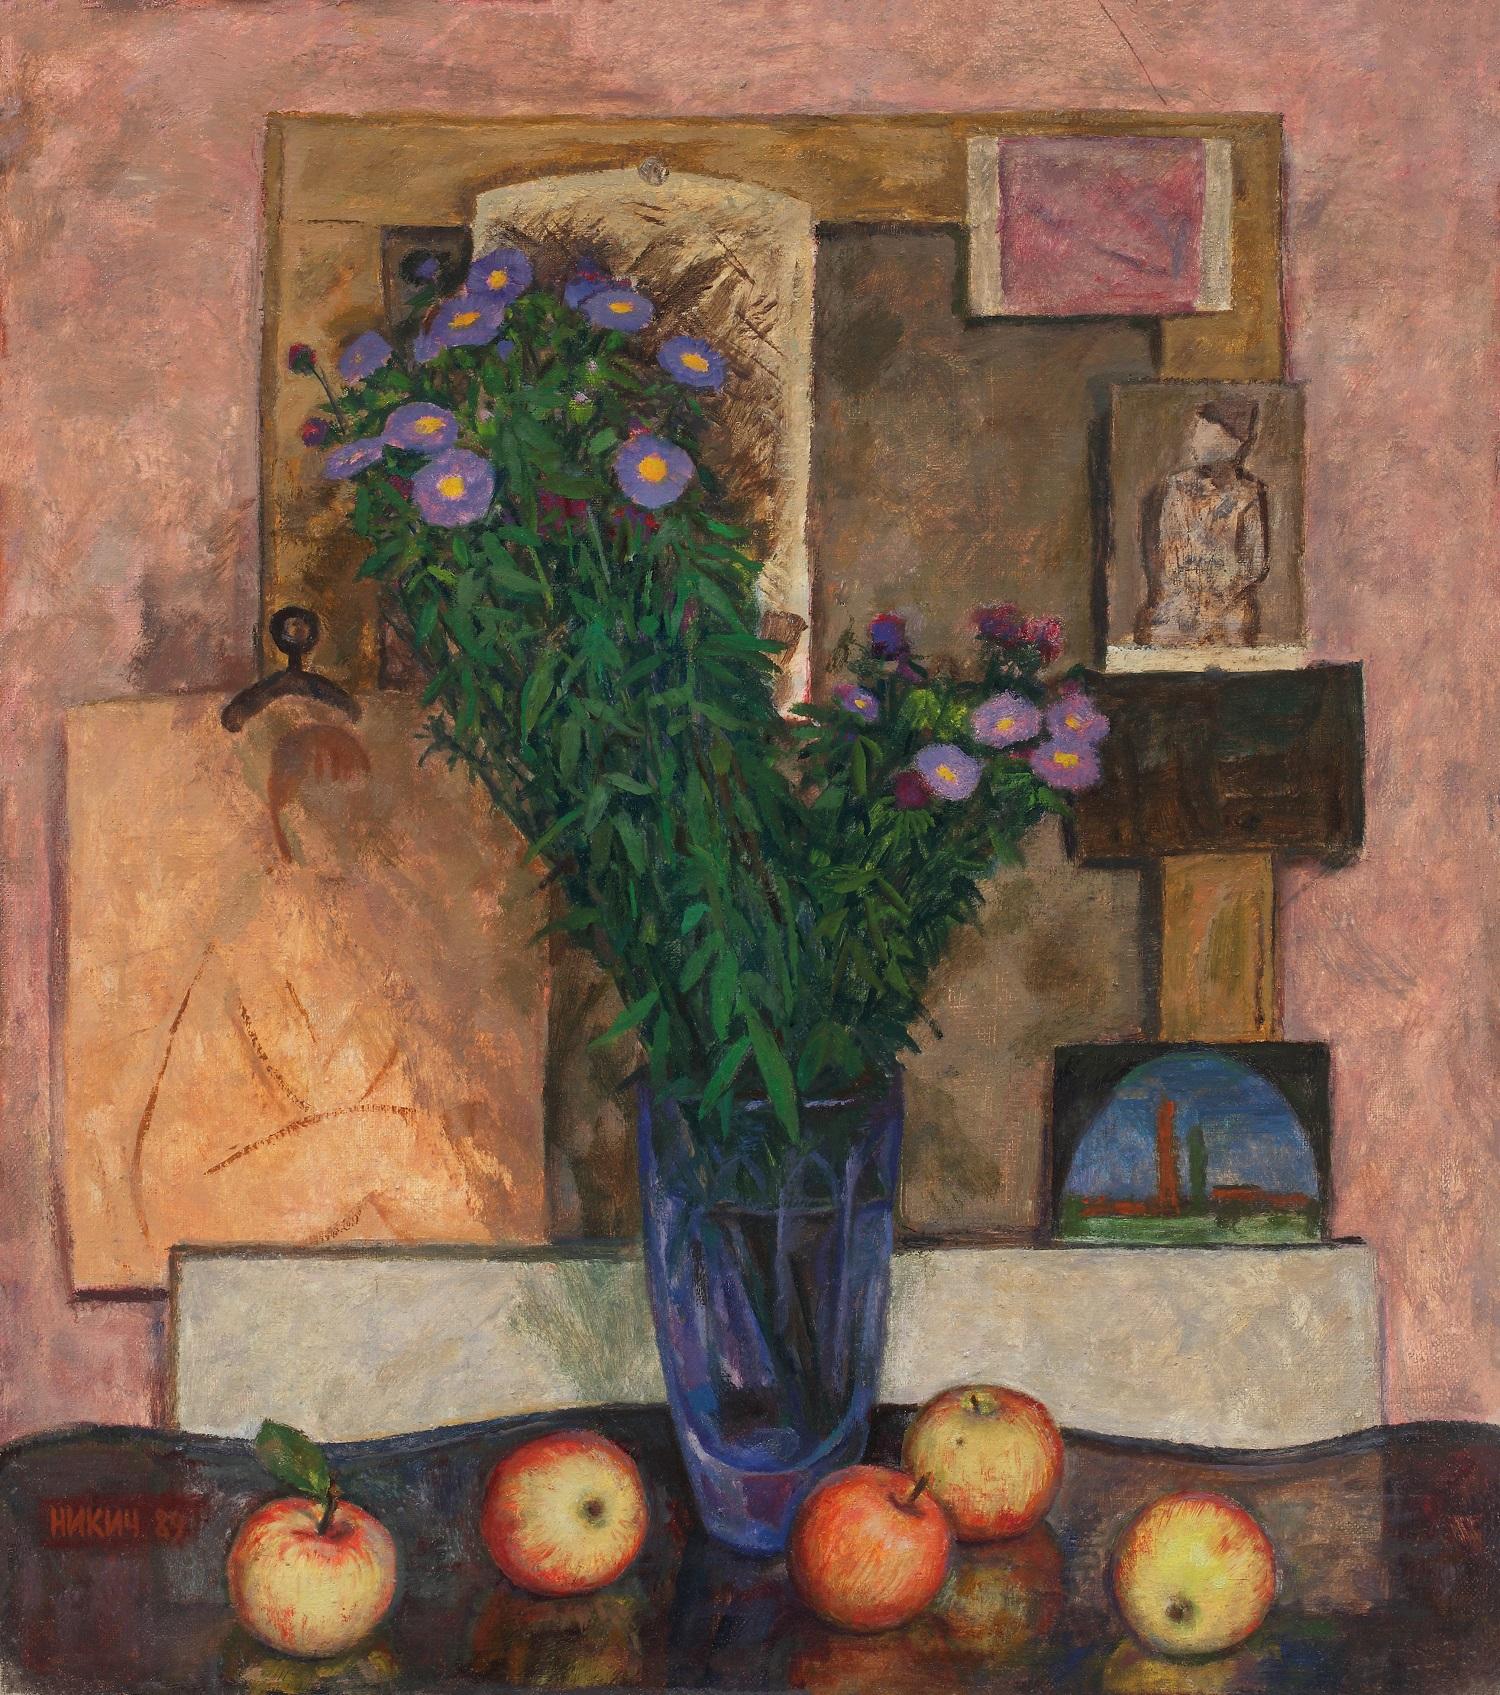 Выставка «Художник Никич. Мир внутри и жизнь снаружи» – события на сайте «Московские Сезоны»